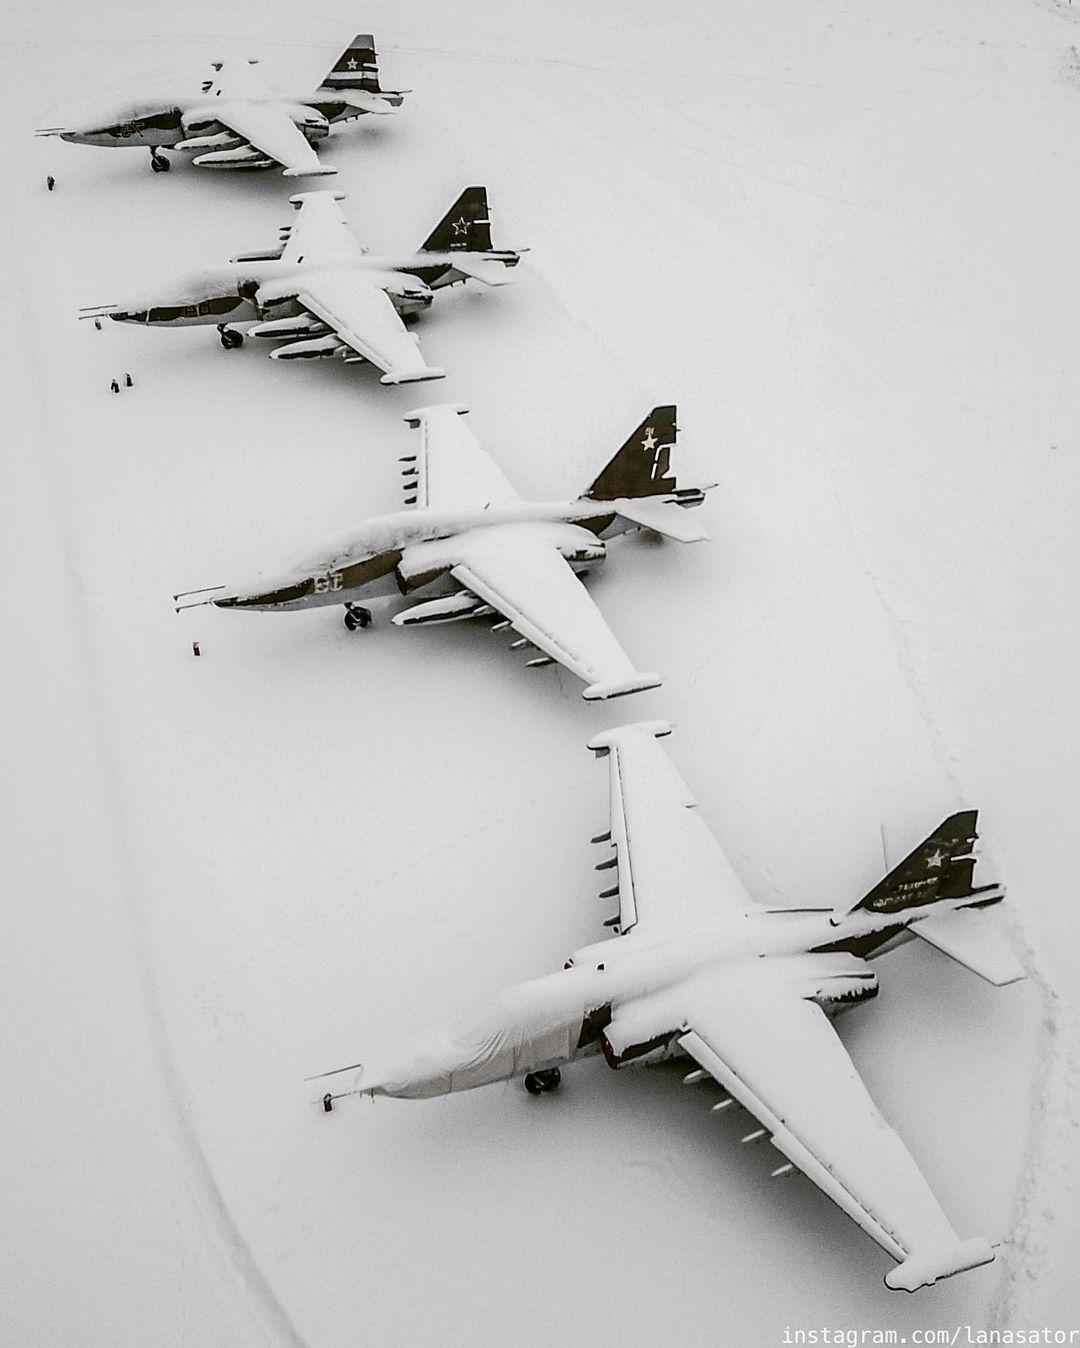 Su-25 attack aircraft  - Page 16 Img_20201202_061354-jpg